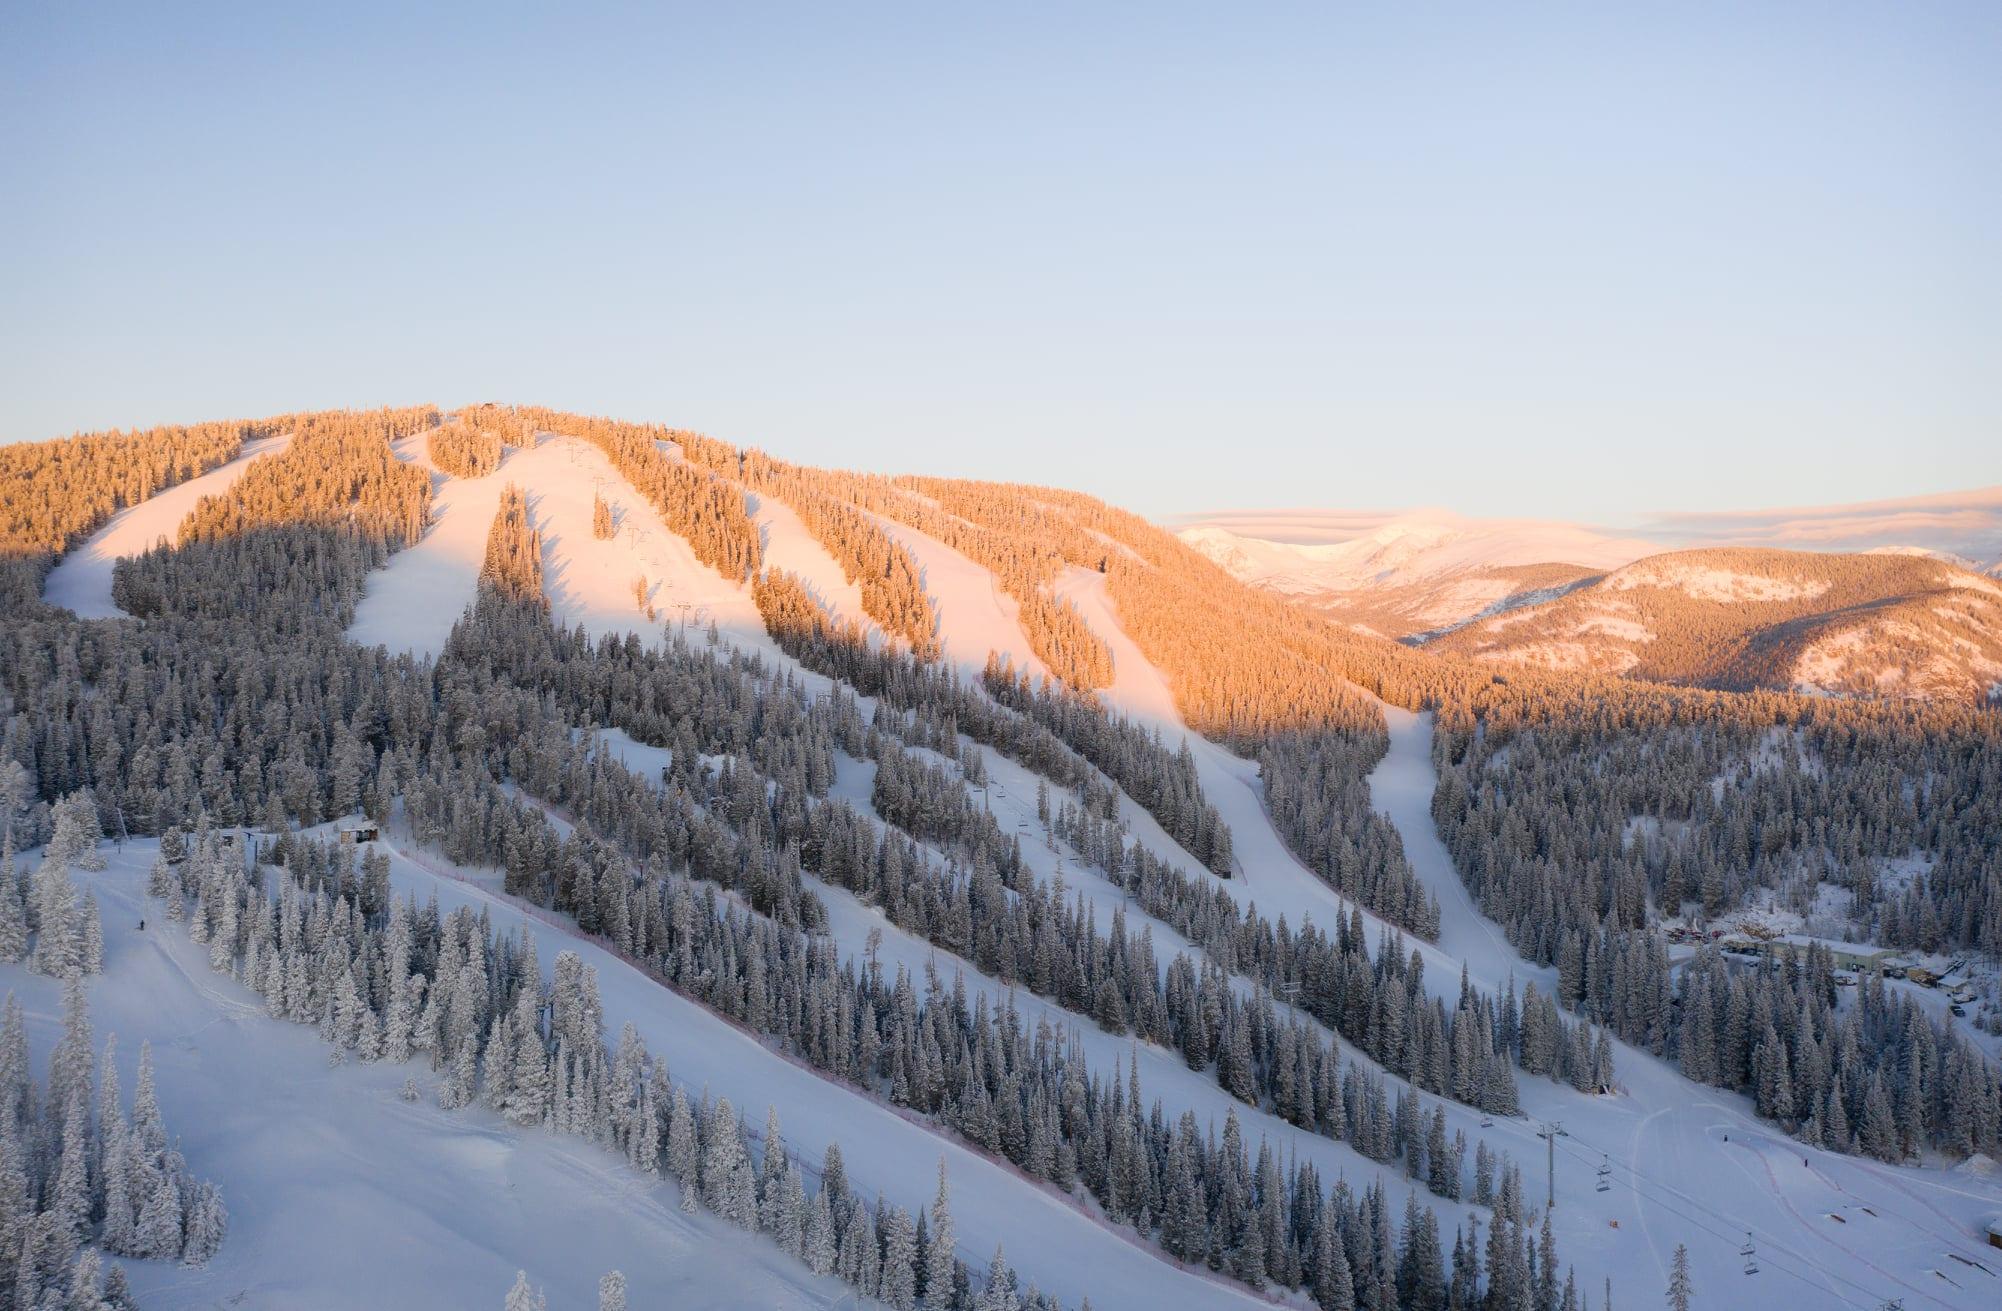 image of ski runs at eldora